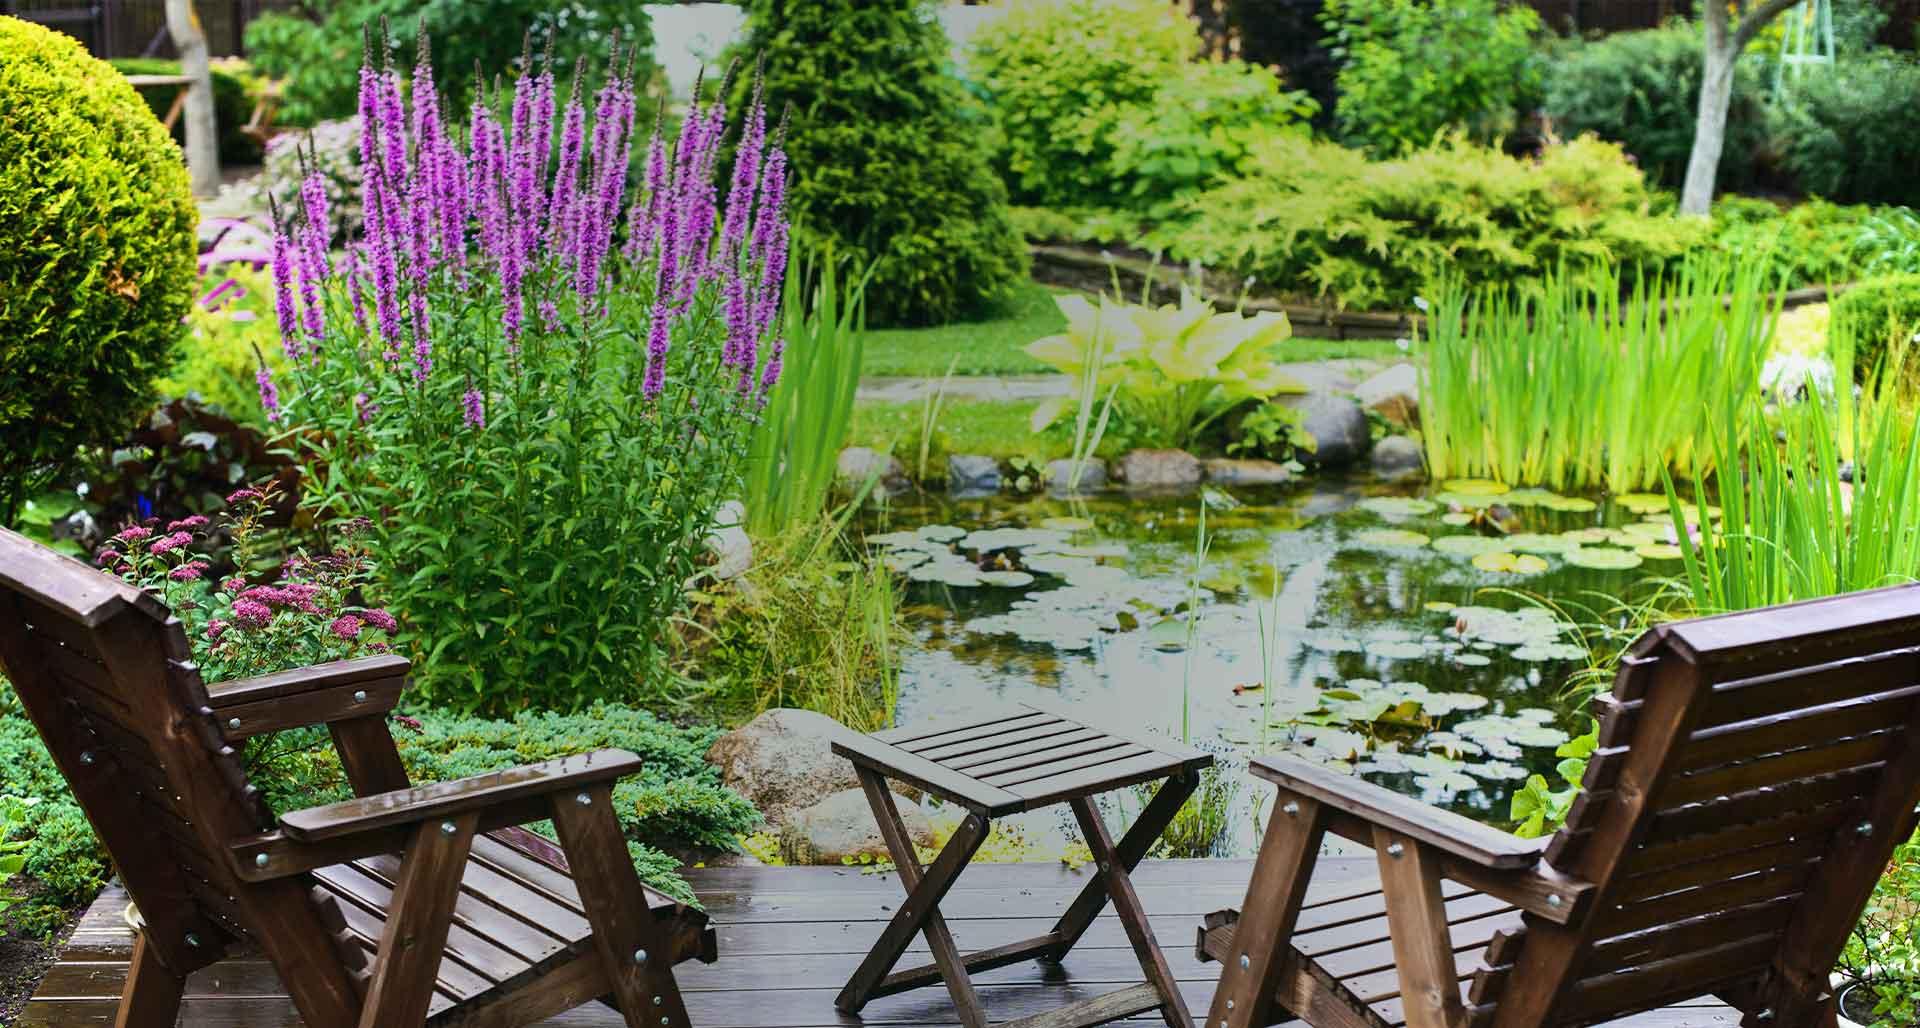 Jardineries Truffaut : Spécialiste Jardin, Animaux, Maison ... intérieur Arbre Pour Petit Jardin